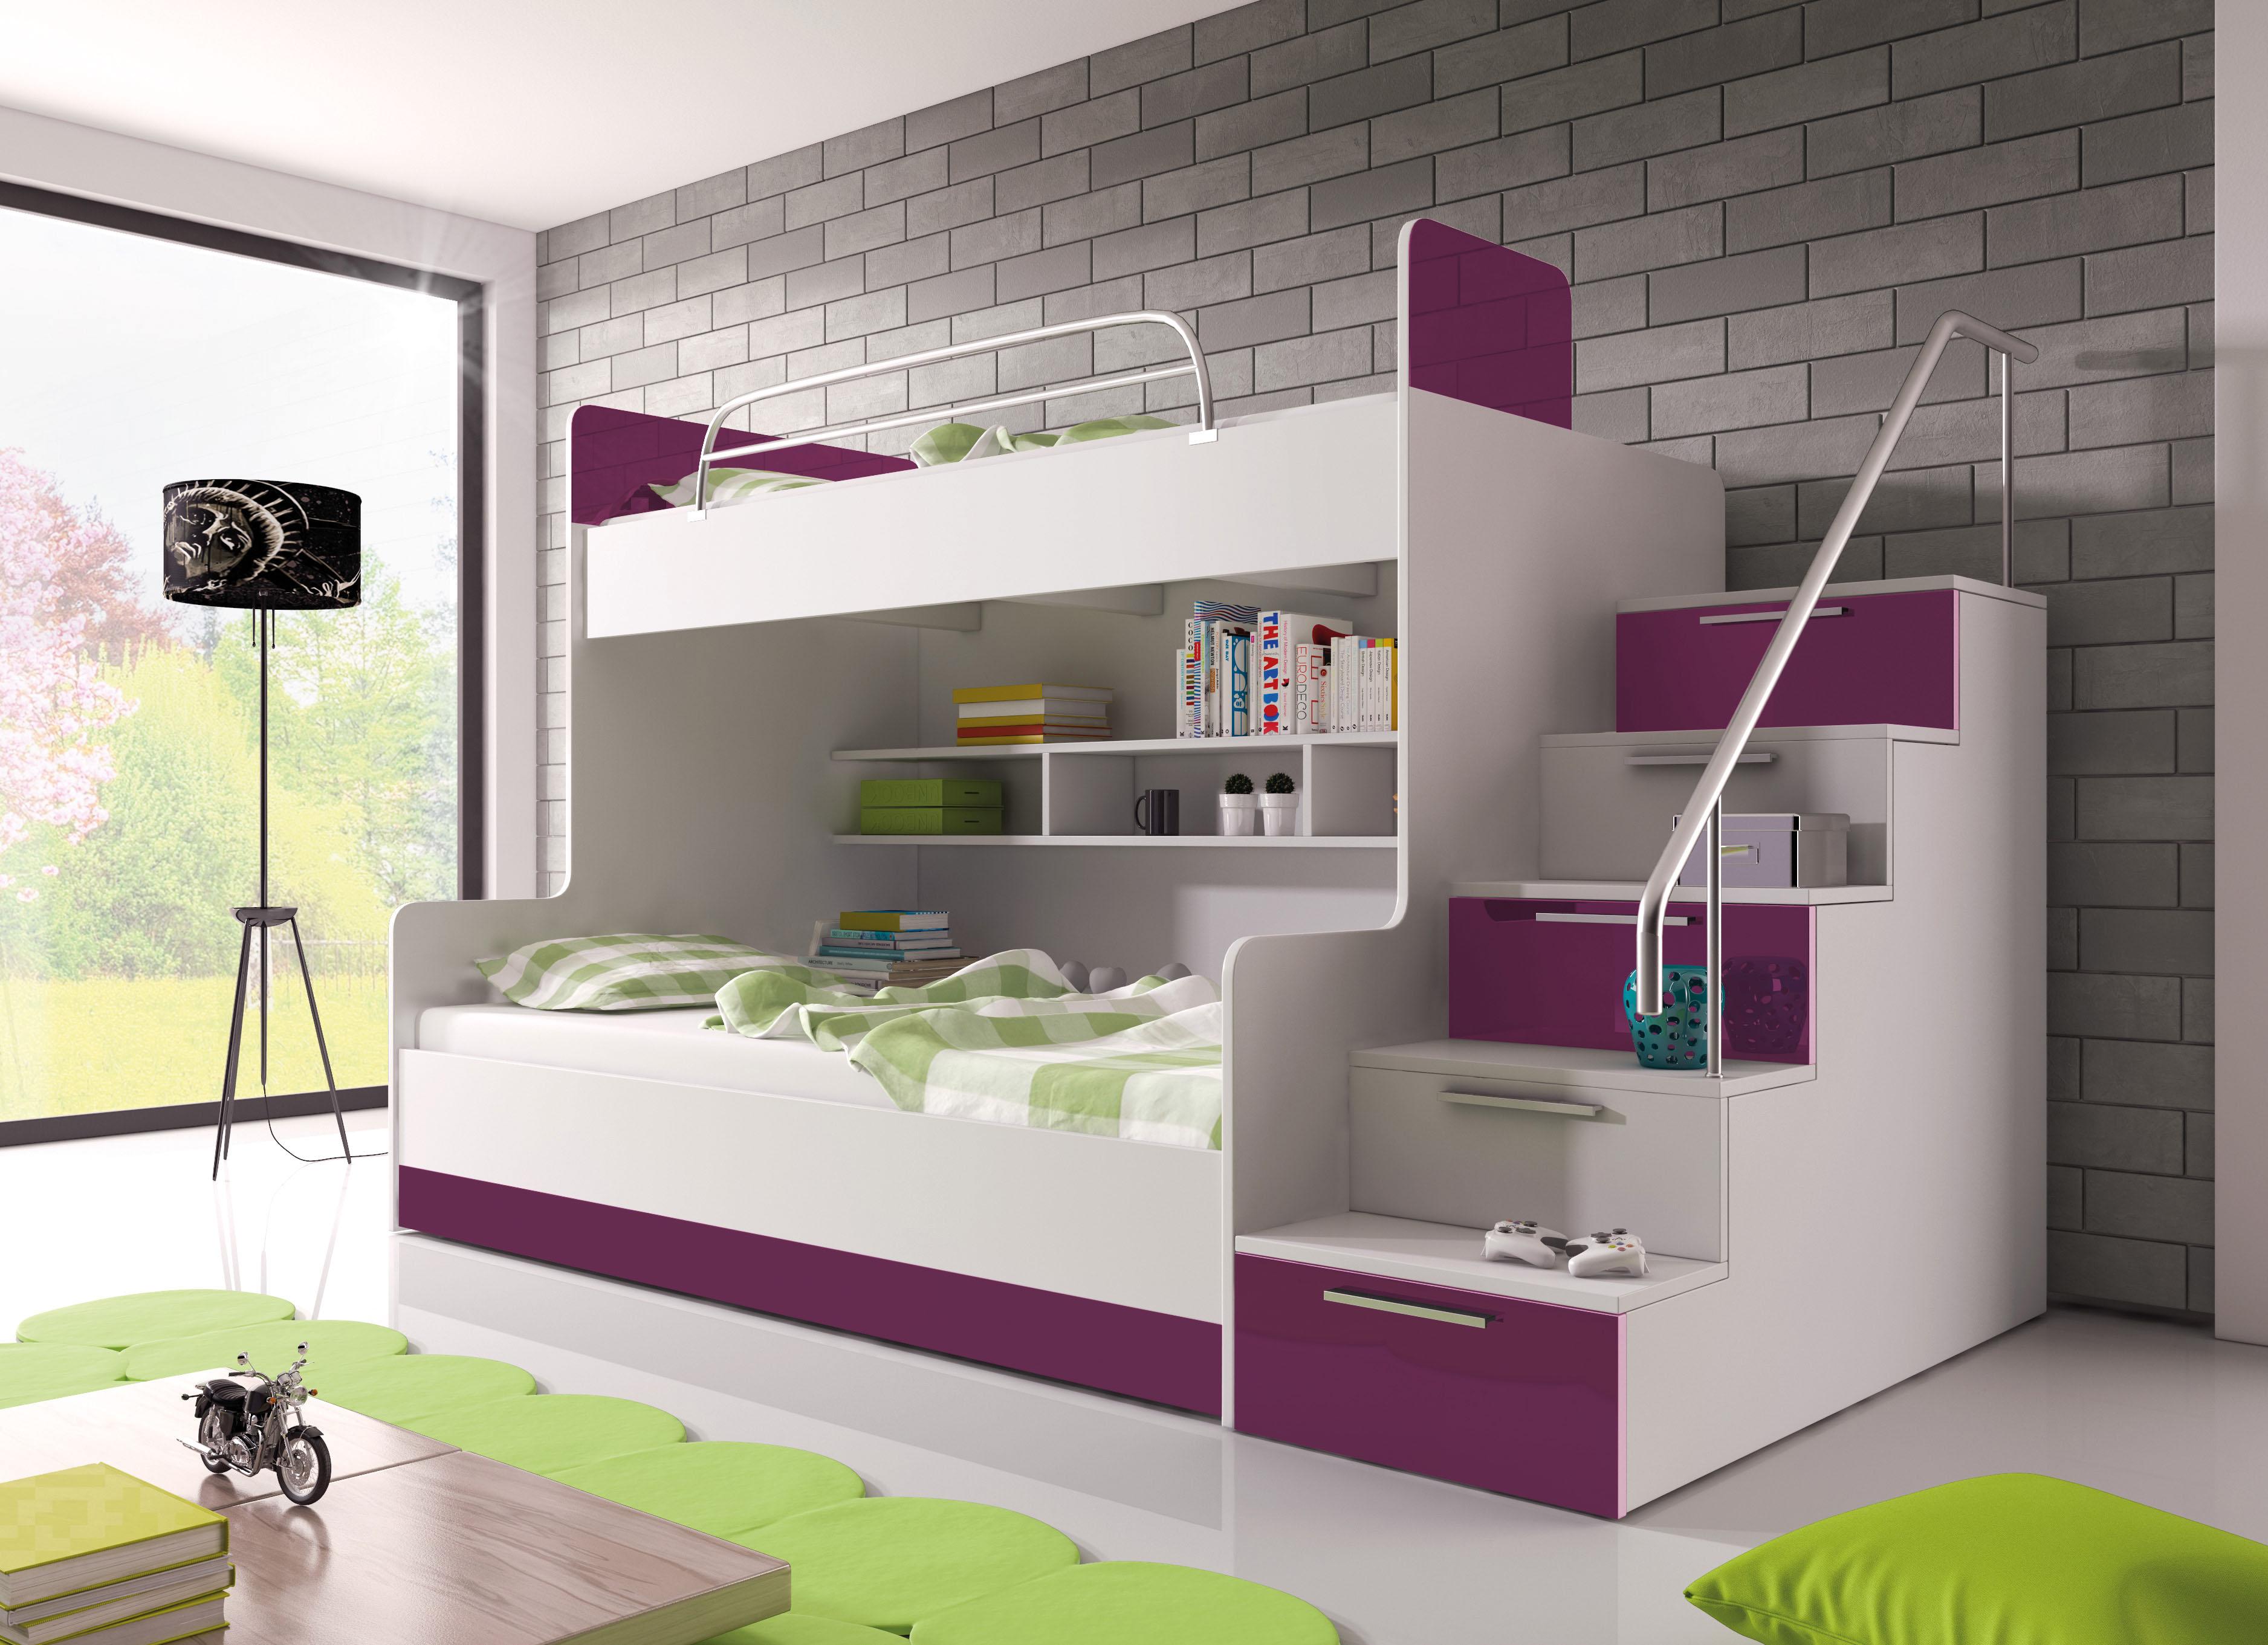 Patrová postel - Ruby II (bílá + fialová) (s matrací a roštem)